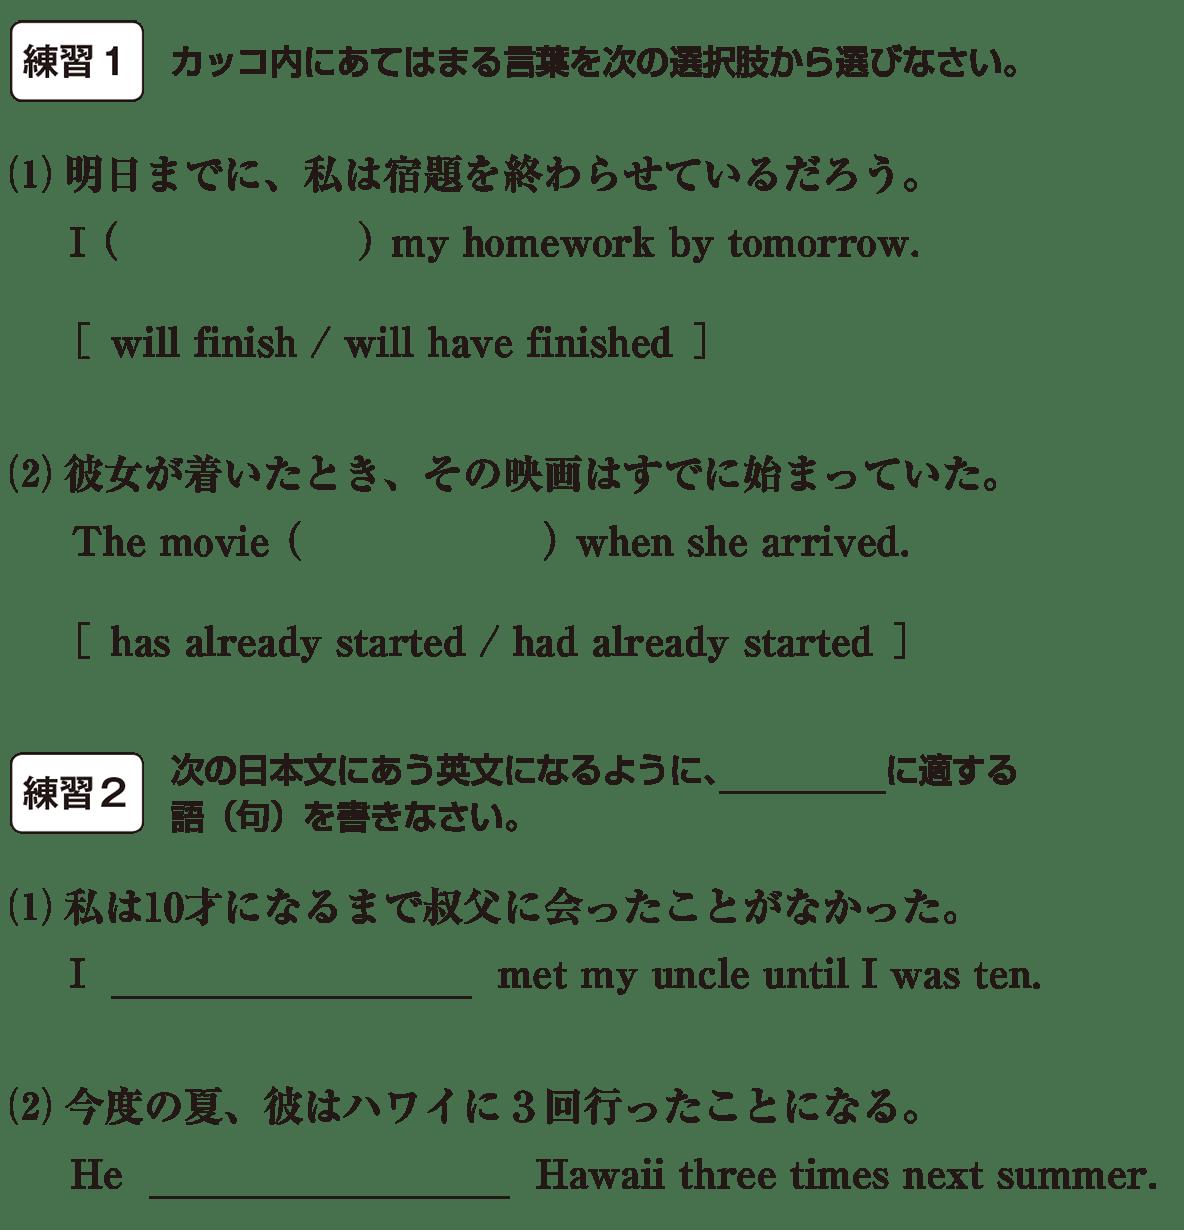 時制20の練習1(1)(2)/練習2(1)(2)